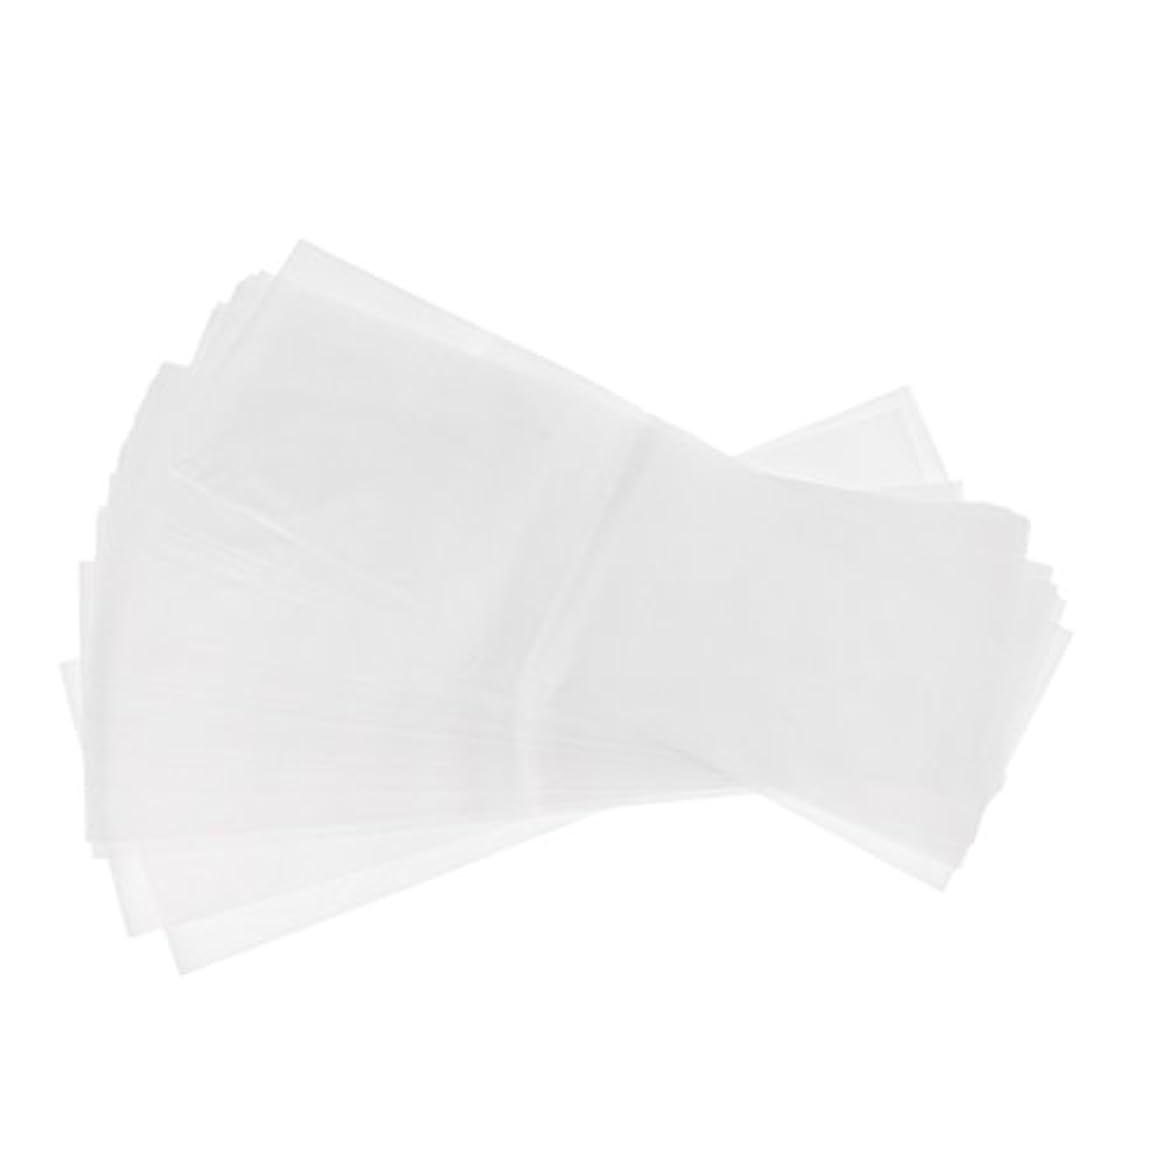 セール回想効能ある約50枚 プラスチック製 染毛紙 ハイライト サロン 毛染め紙 髪分け 便利 2タイプ選べ - ホワイト